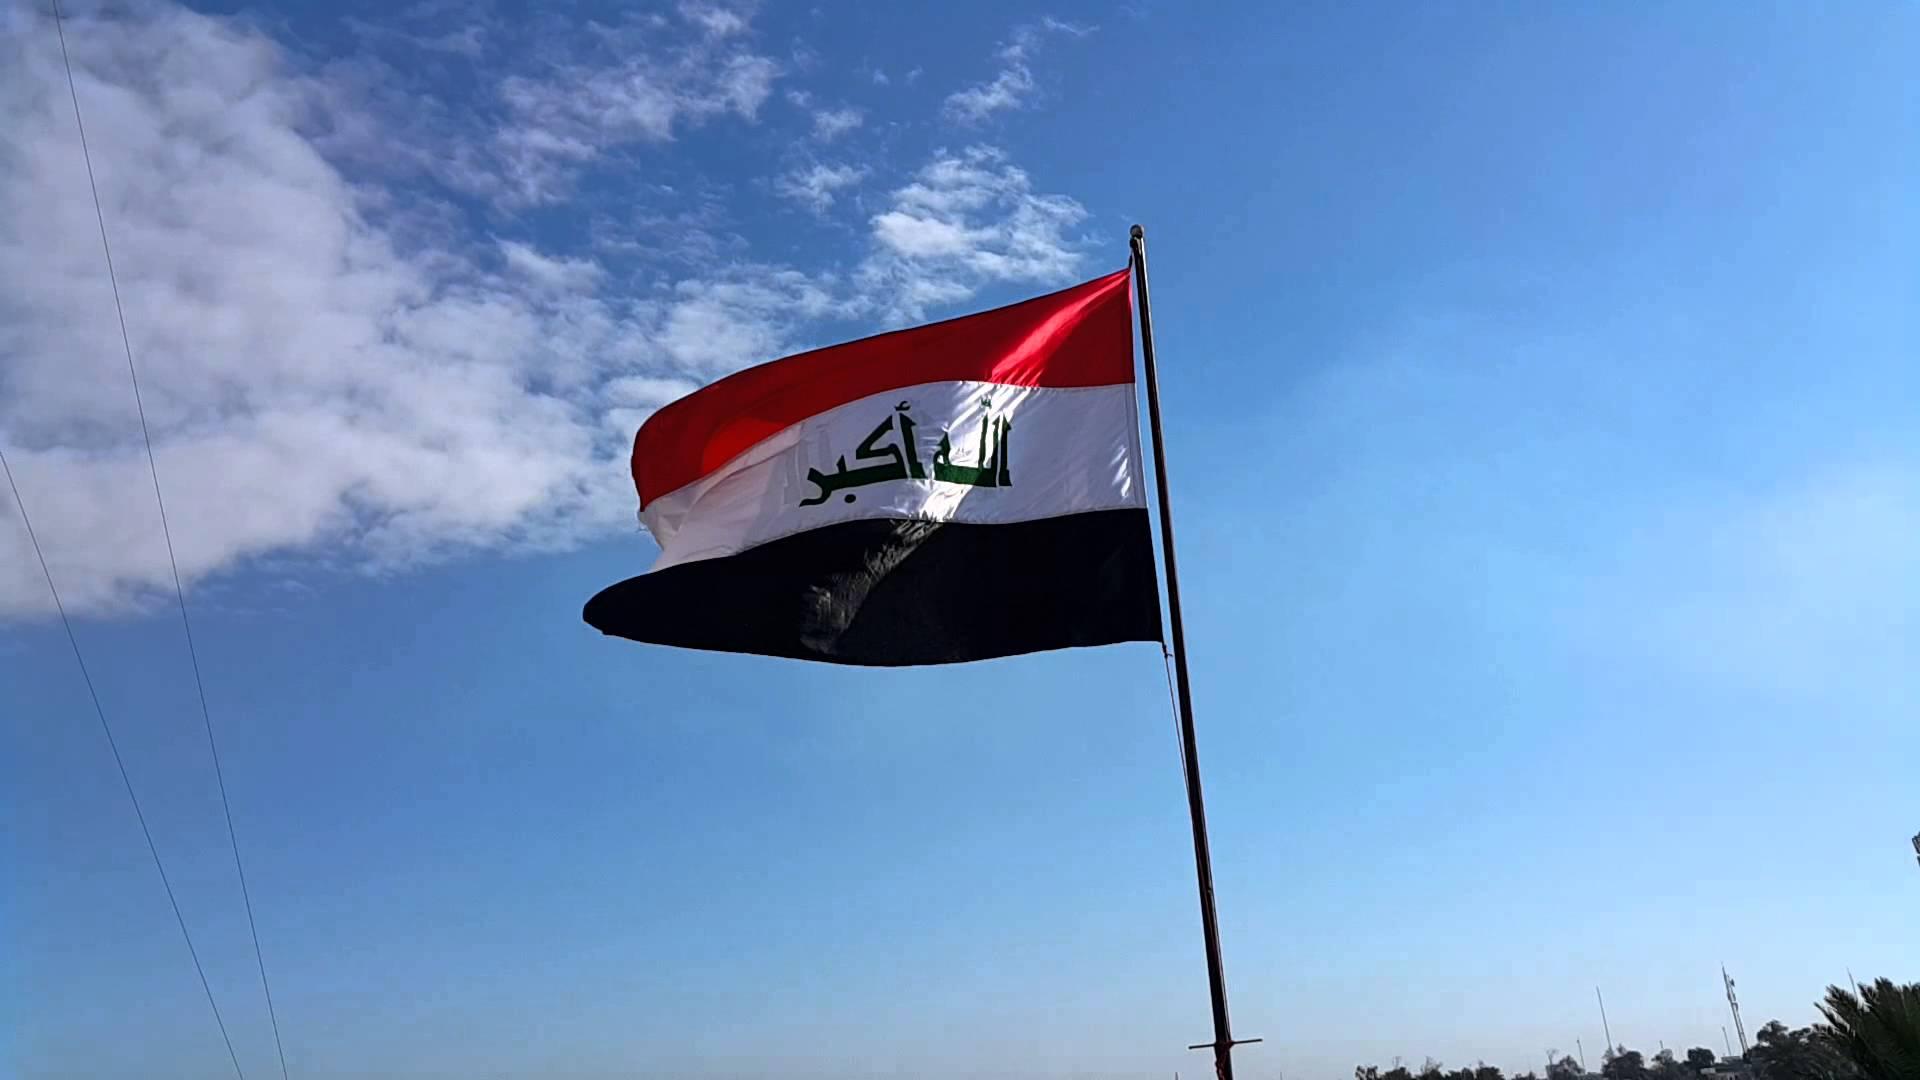 العراق يقرر غلق جميع المنافذ الحدودية البرية باستثناء الحالات الطارئة